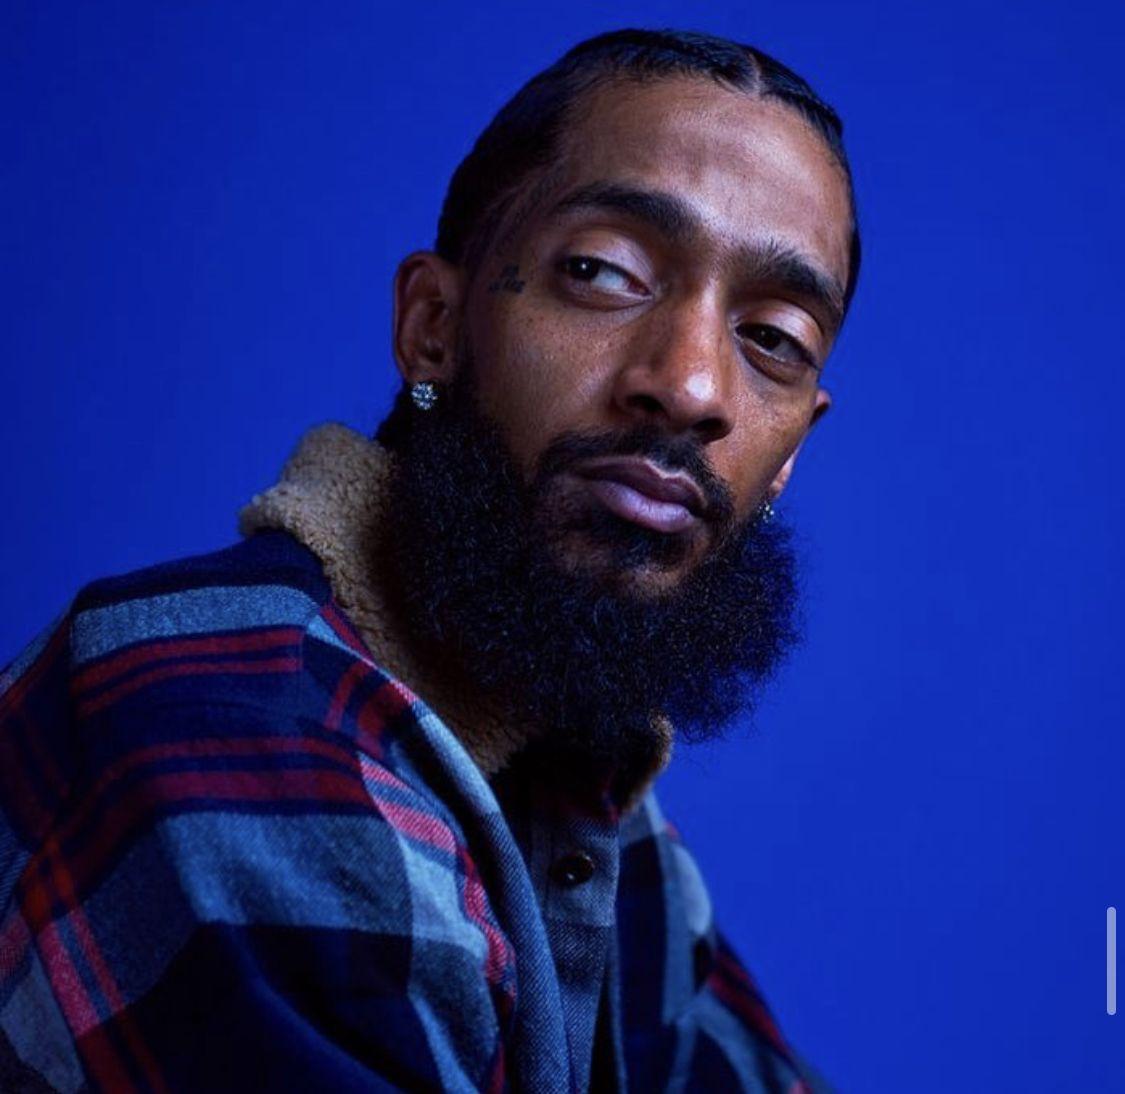 Pin by ᎶᎥᎶᎥ on ࿔ blue ࿔ Lauren london nipsey hussle, Rap